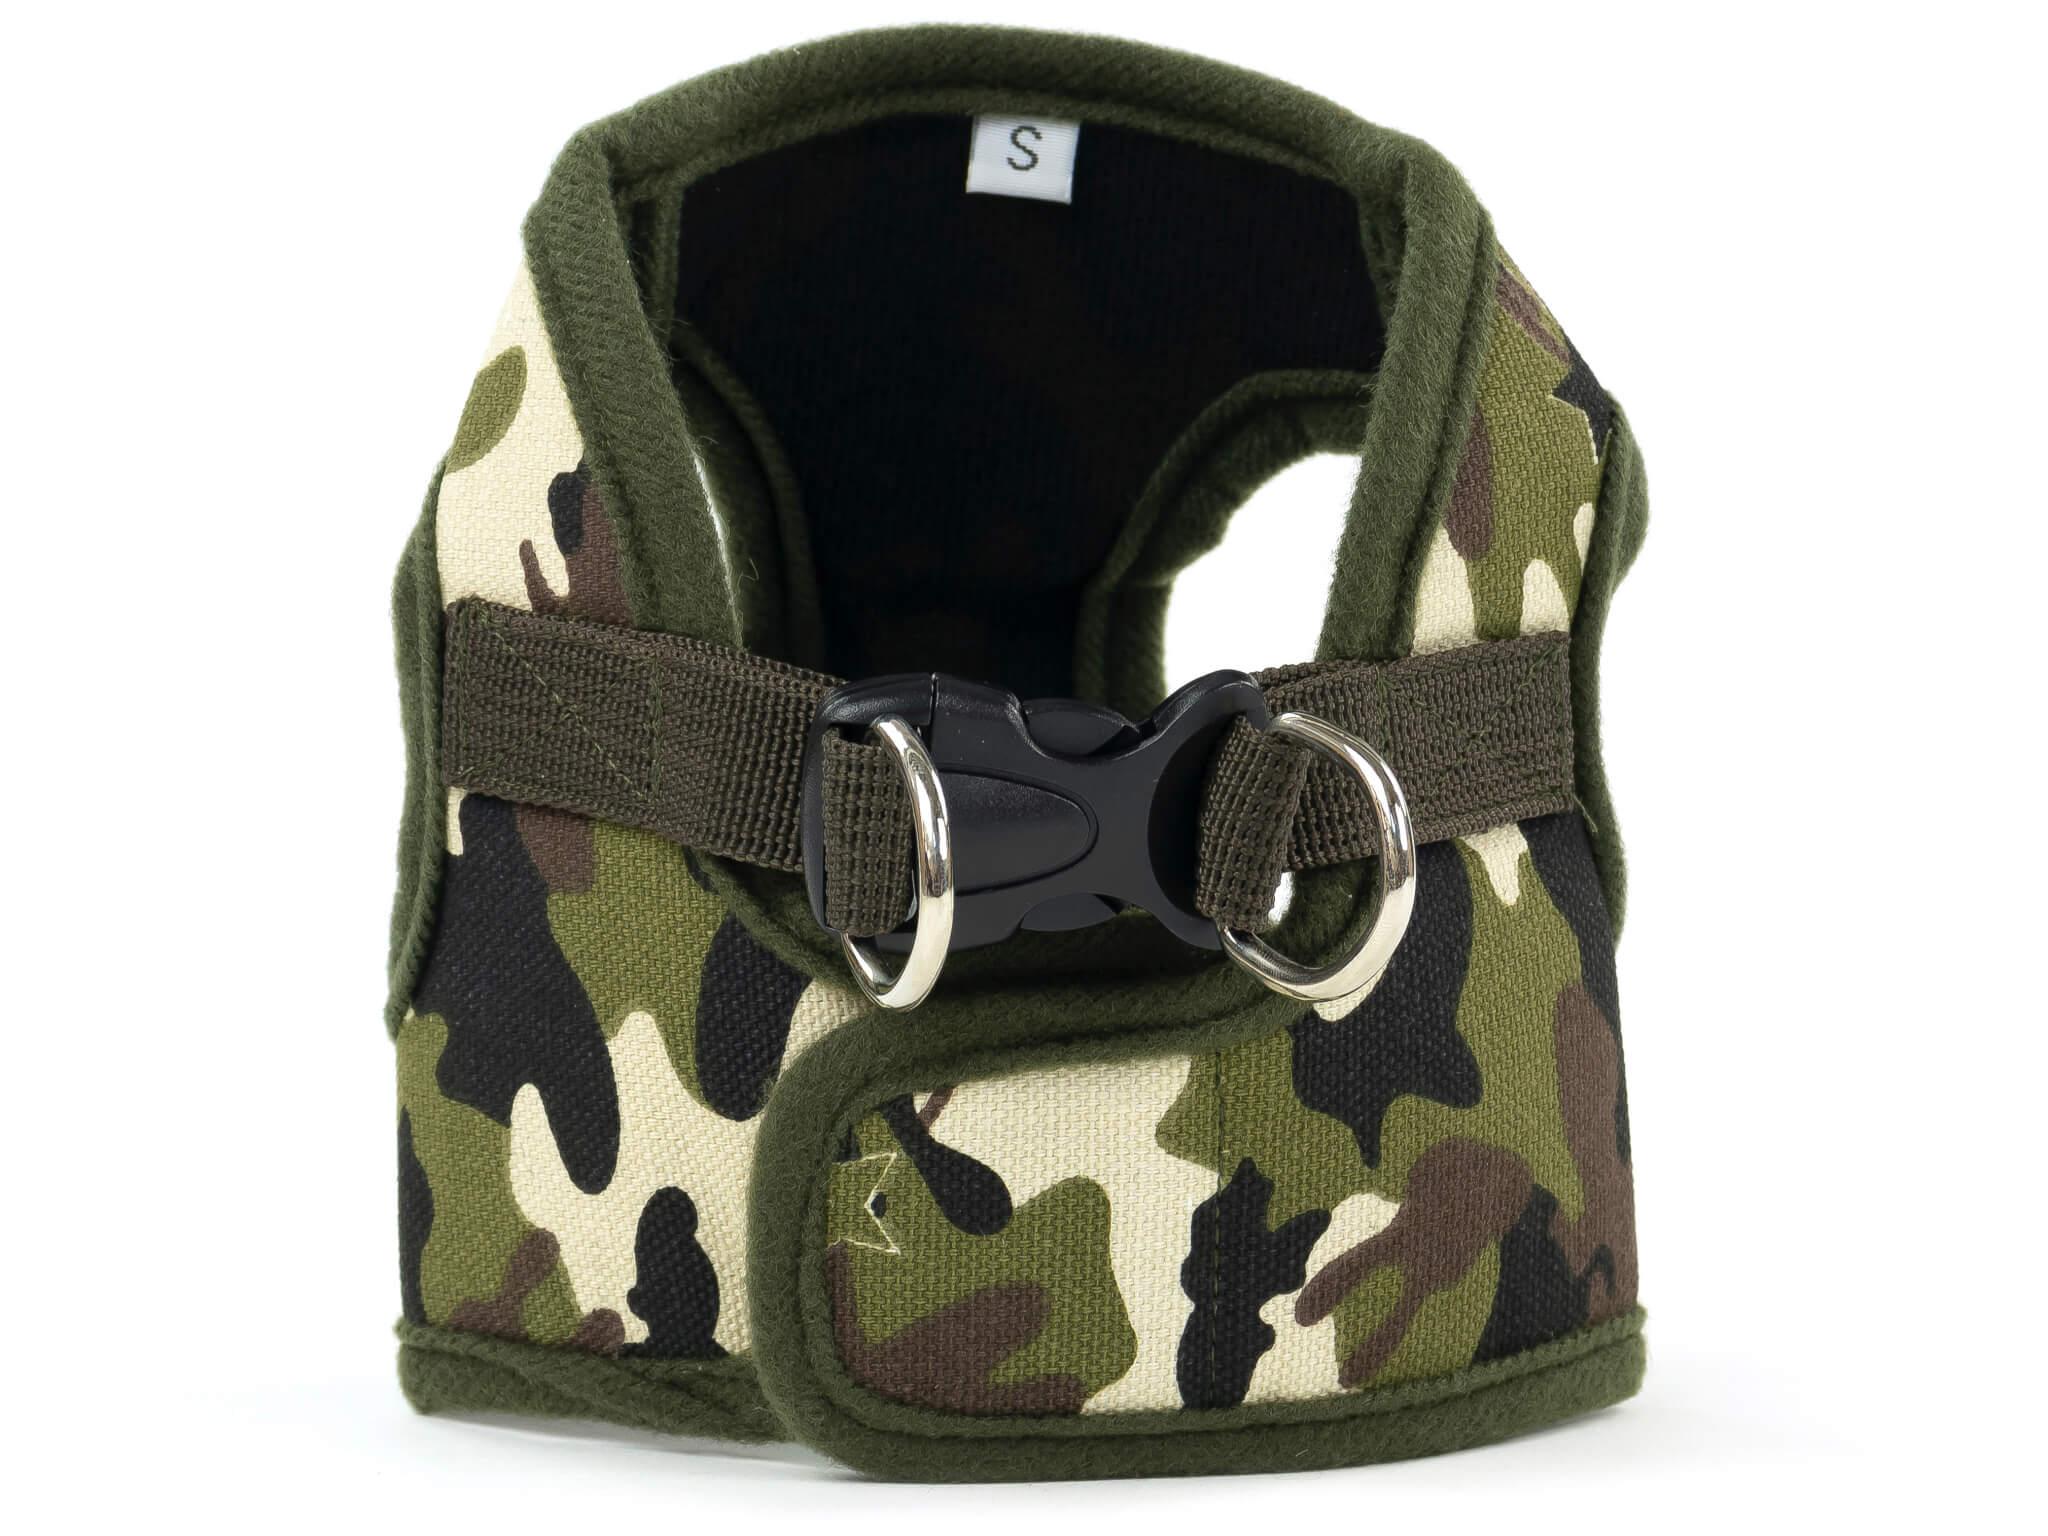 Vsepropejska War maskáčové kšíry pro psa | 27 – 60 cm Barva: Maskáčová, Obvod hrudníku: 32 - 39 cm